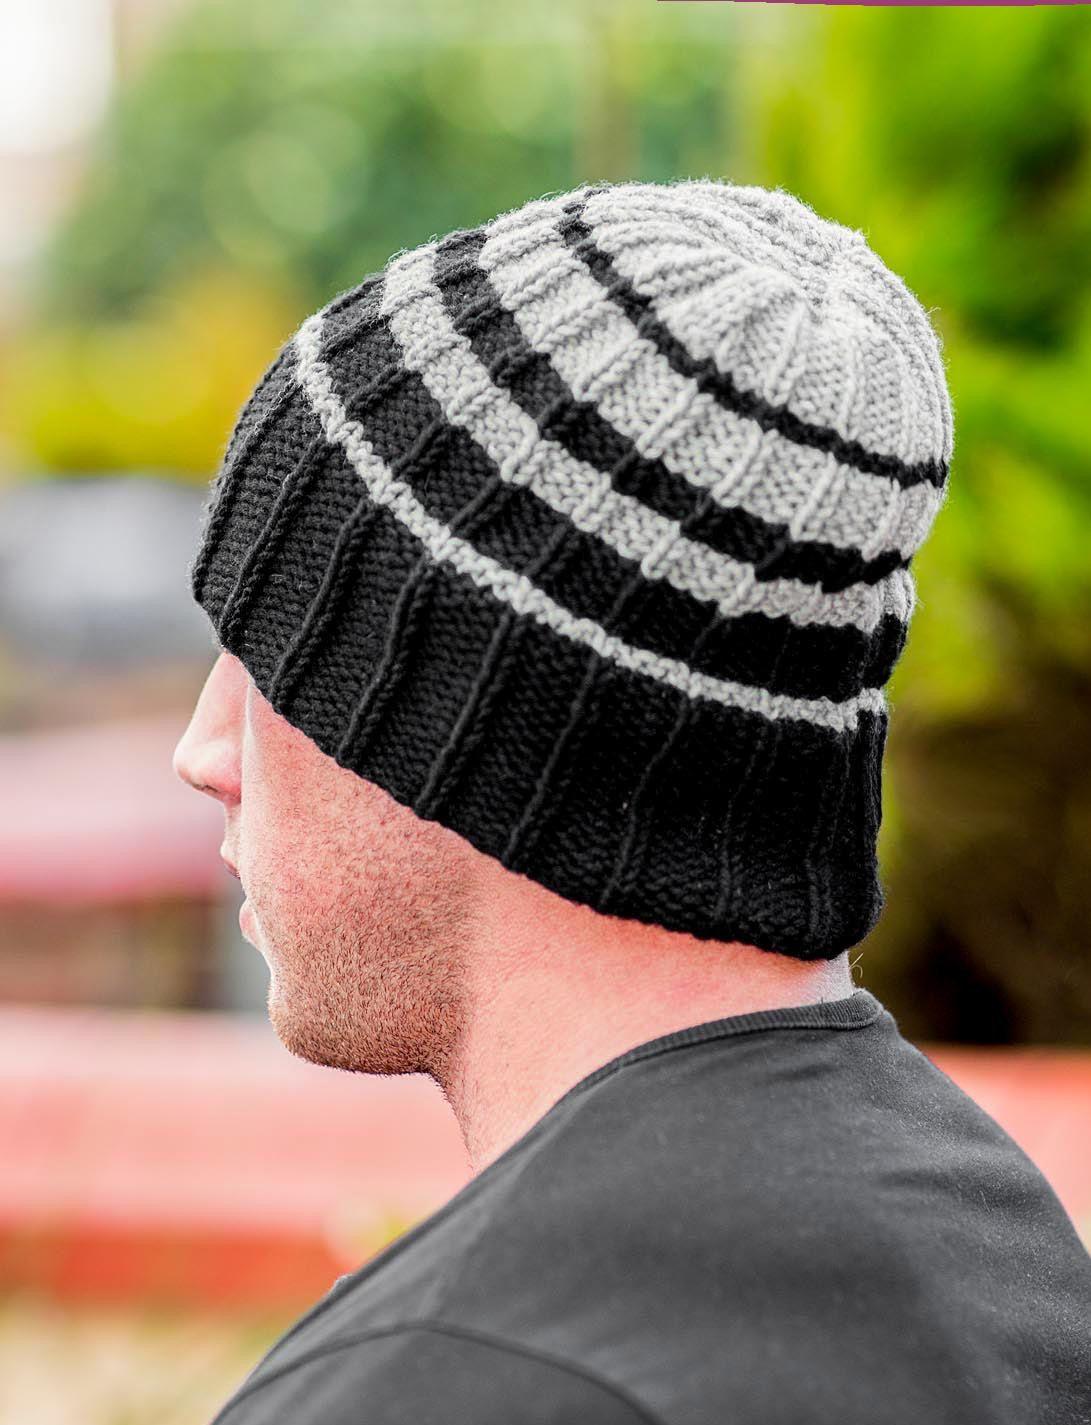 7f0cdde29de Knit Hats · Bonnet Hat · Beanies. Knitwear Fashion. Crocheted Hats. A  personal favourite from my Etsy shop https   www.etsy.com